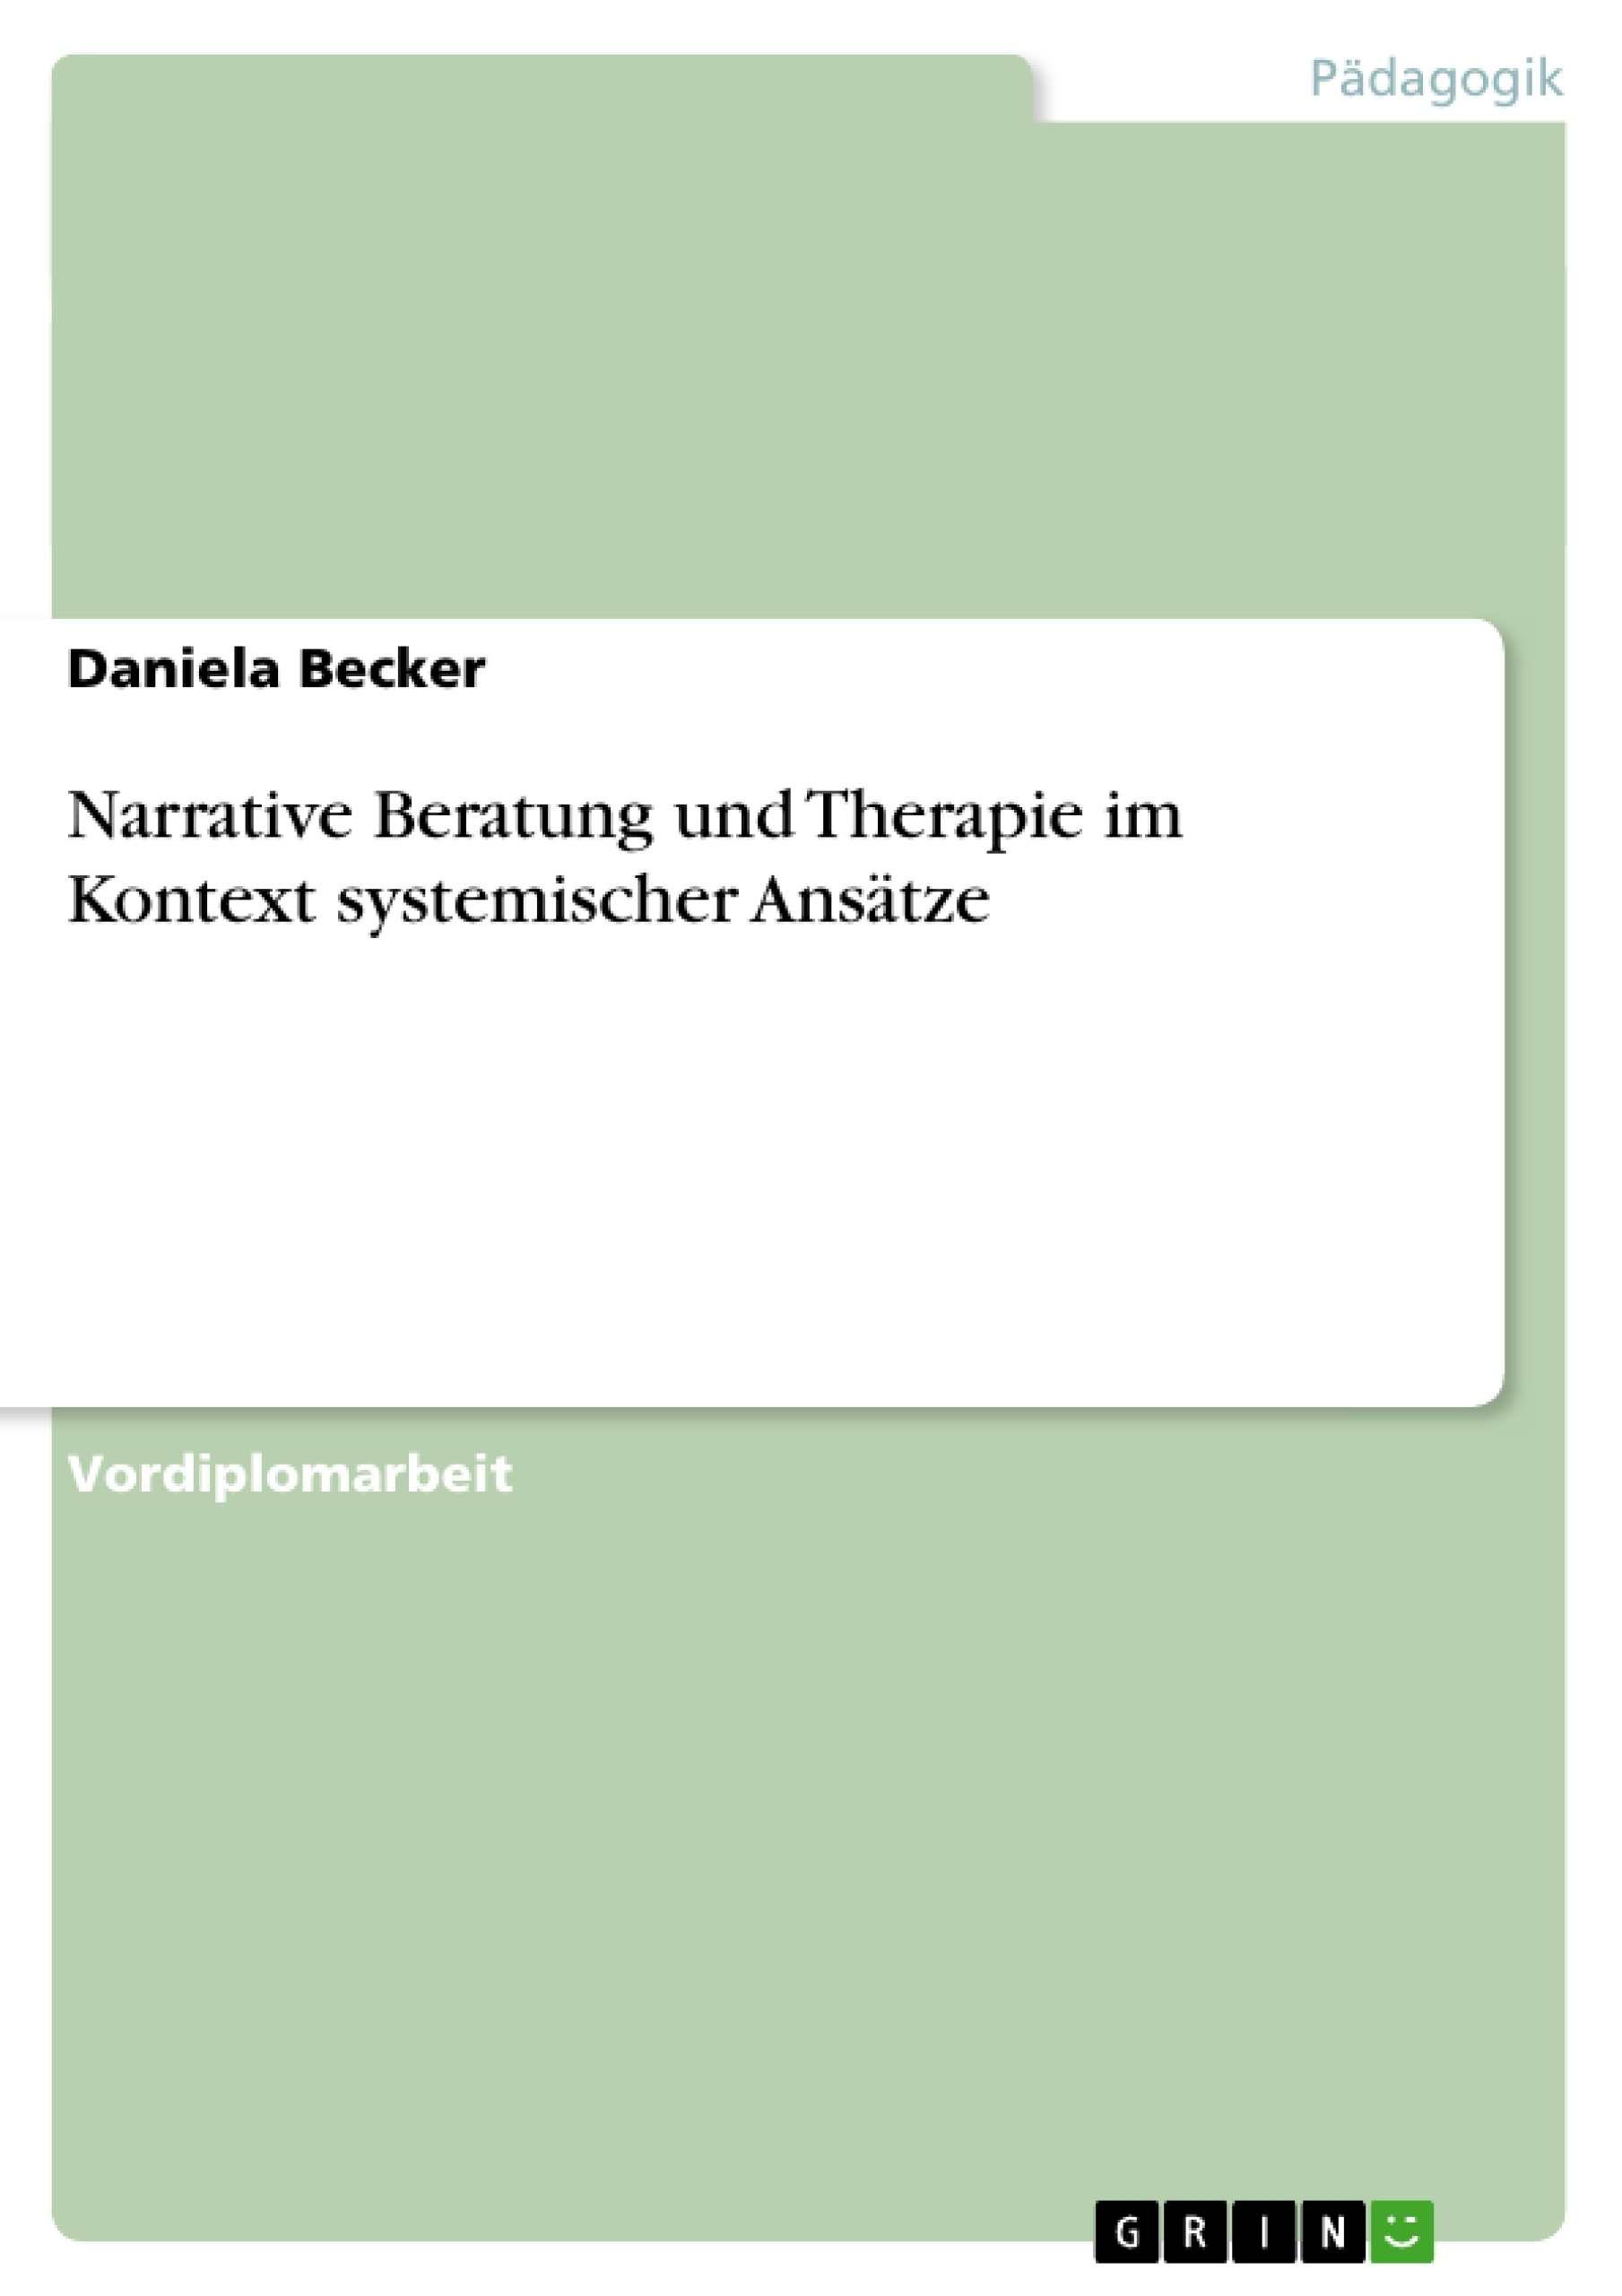 Titel: Narrative Beratung und Therapie im Kontext systemischer Ansätze